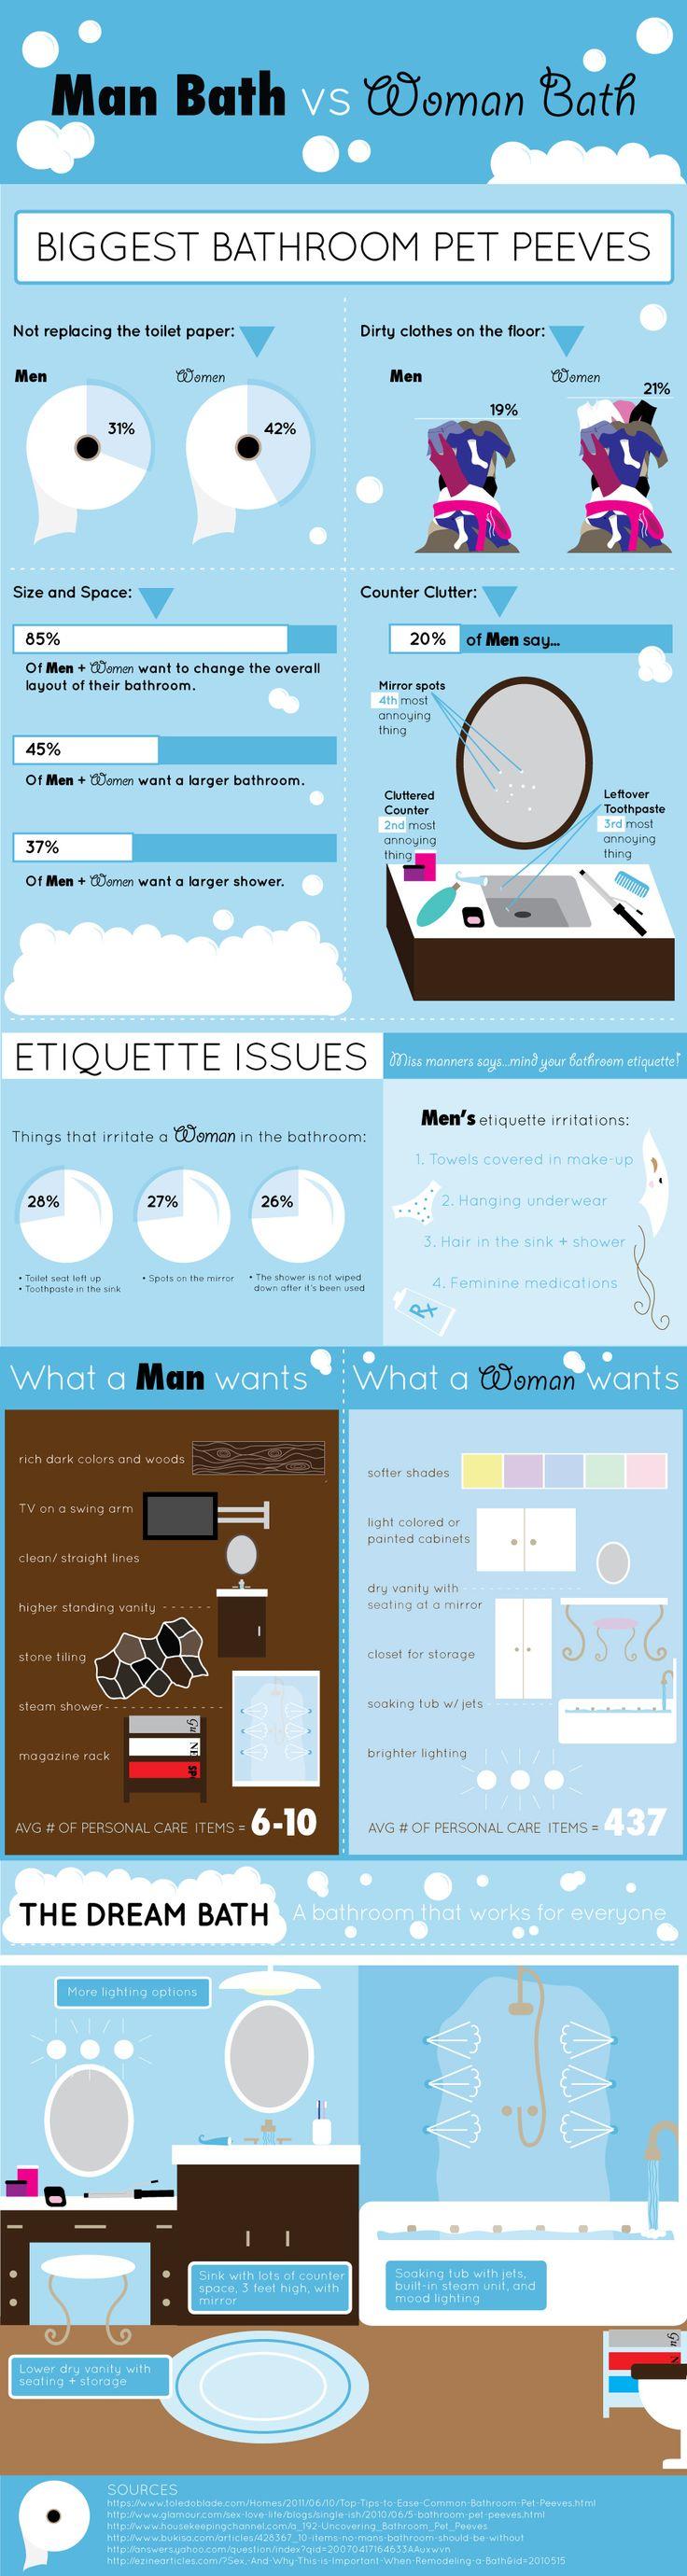 Bathrooms: Men vs Women